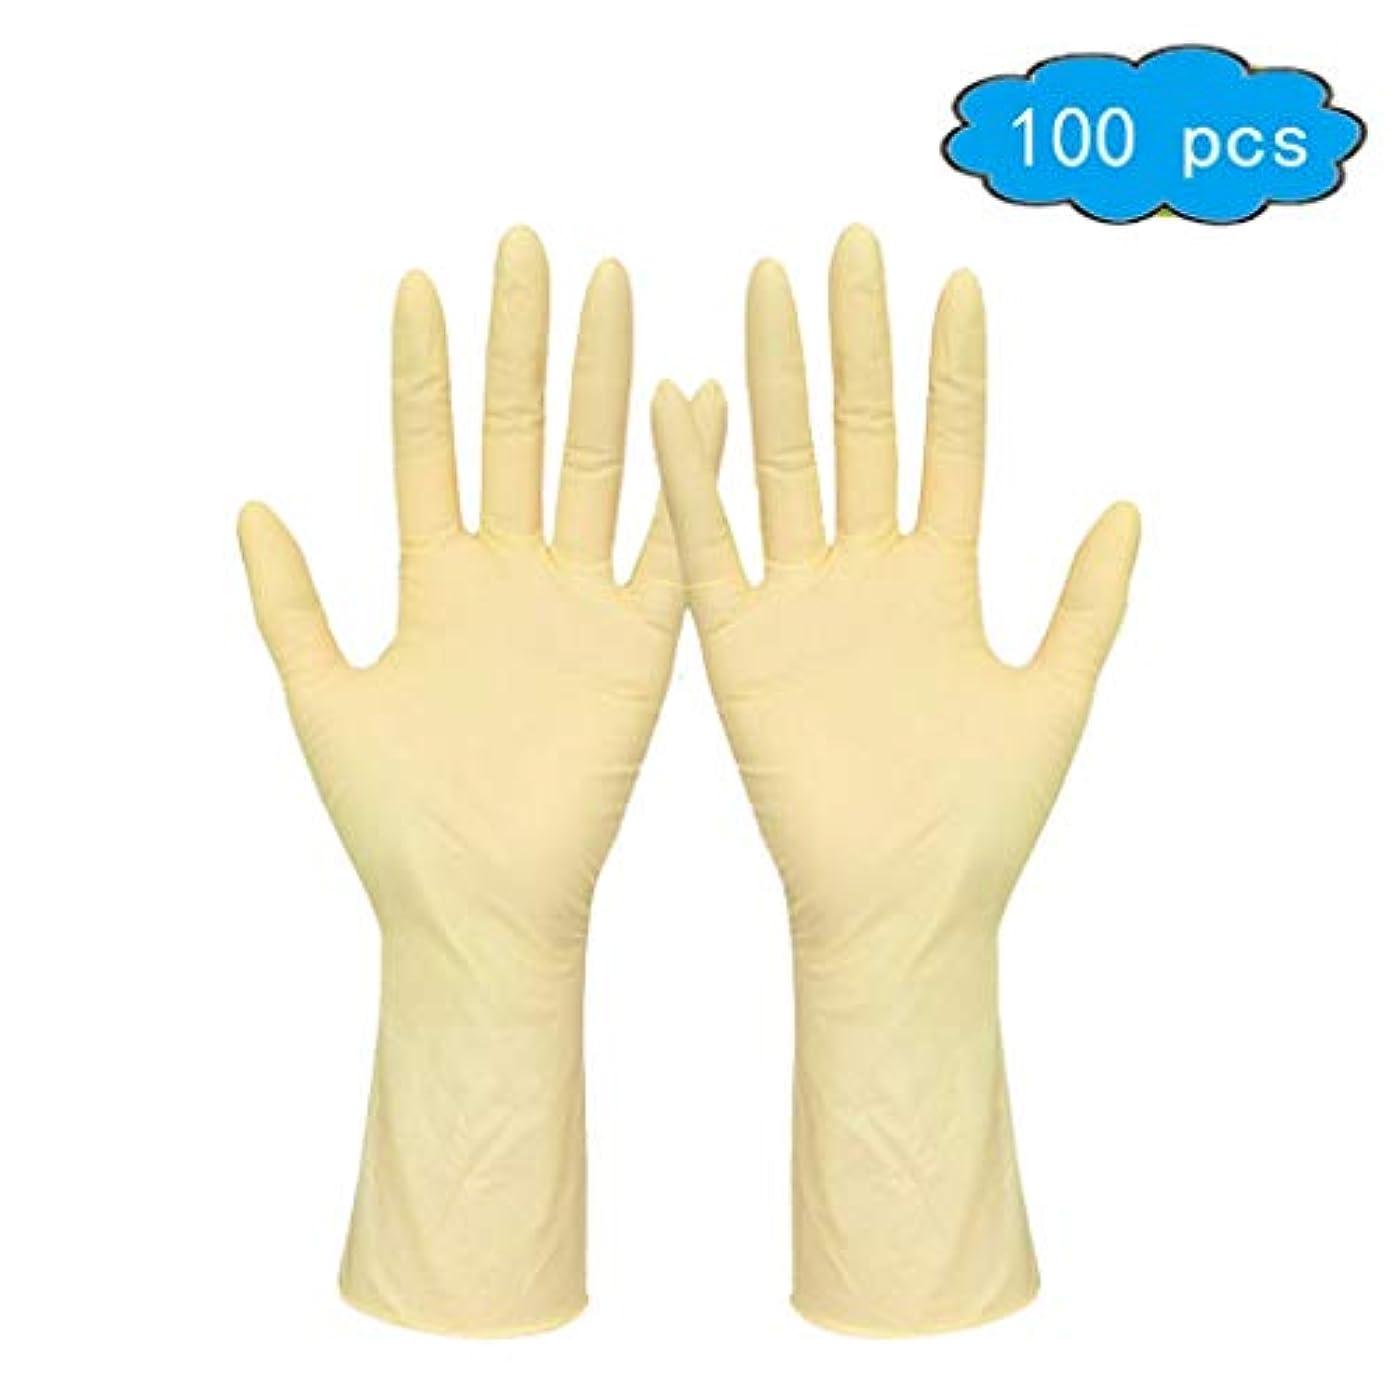 満足できるどこにも化学薬品精製チェックラテックス手袋 - パウダーフリー、100の非滅菌、大、ボックス (Color : Beige, Size : S)